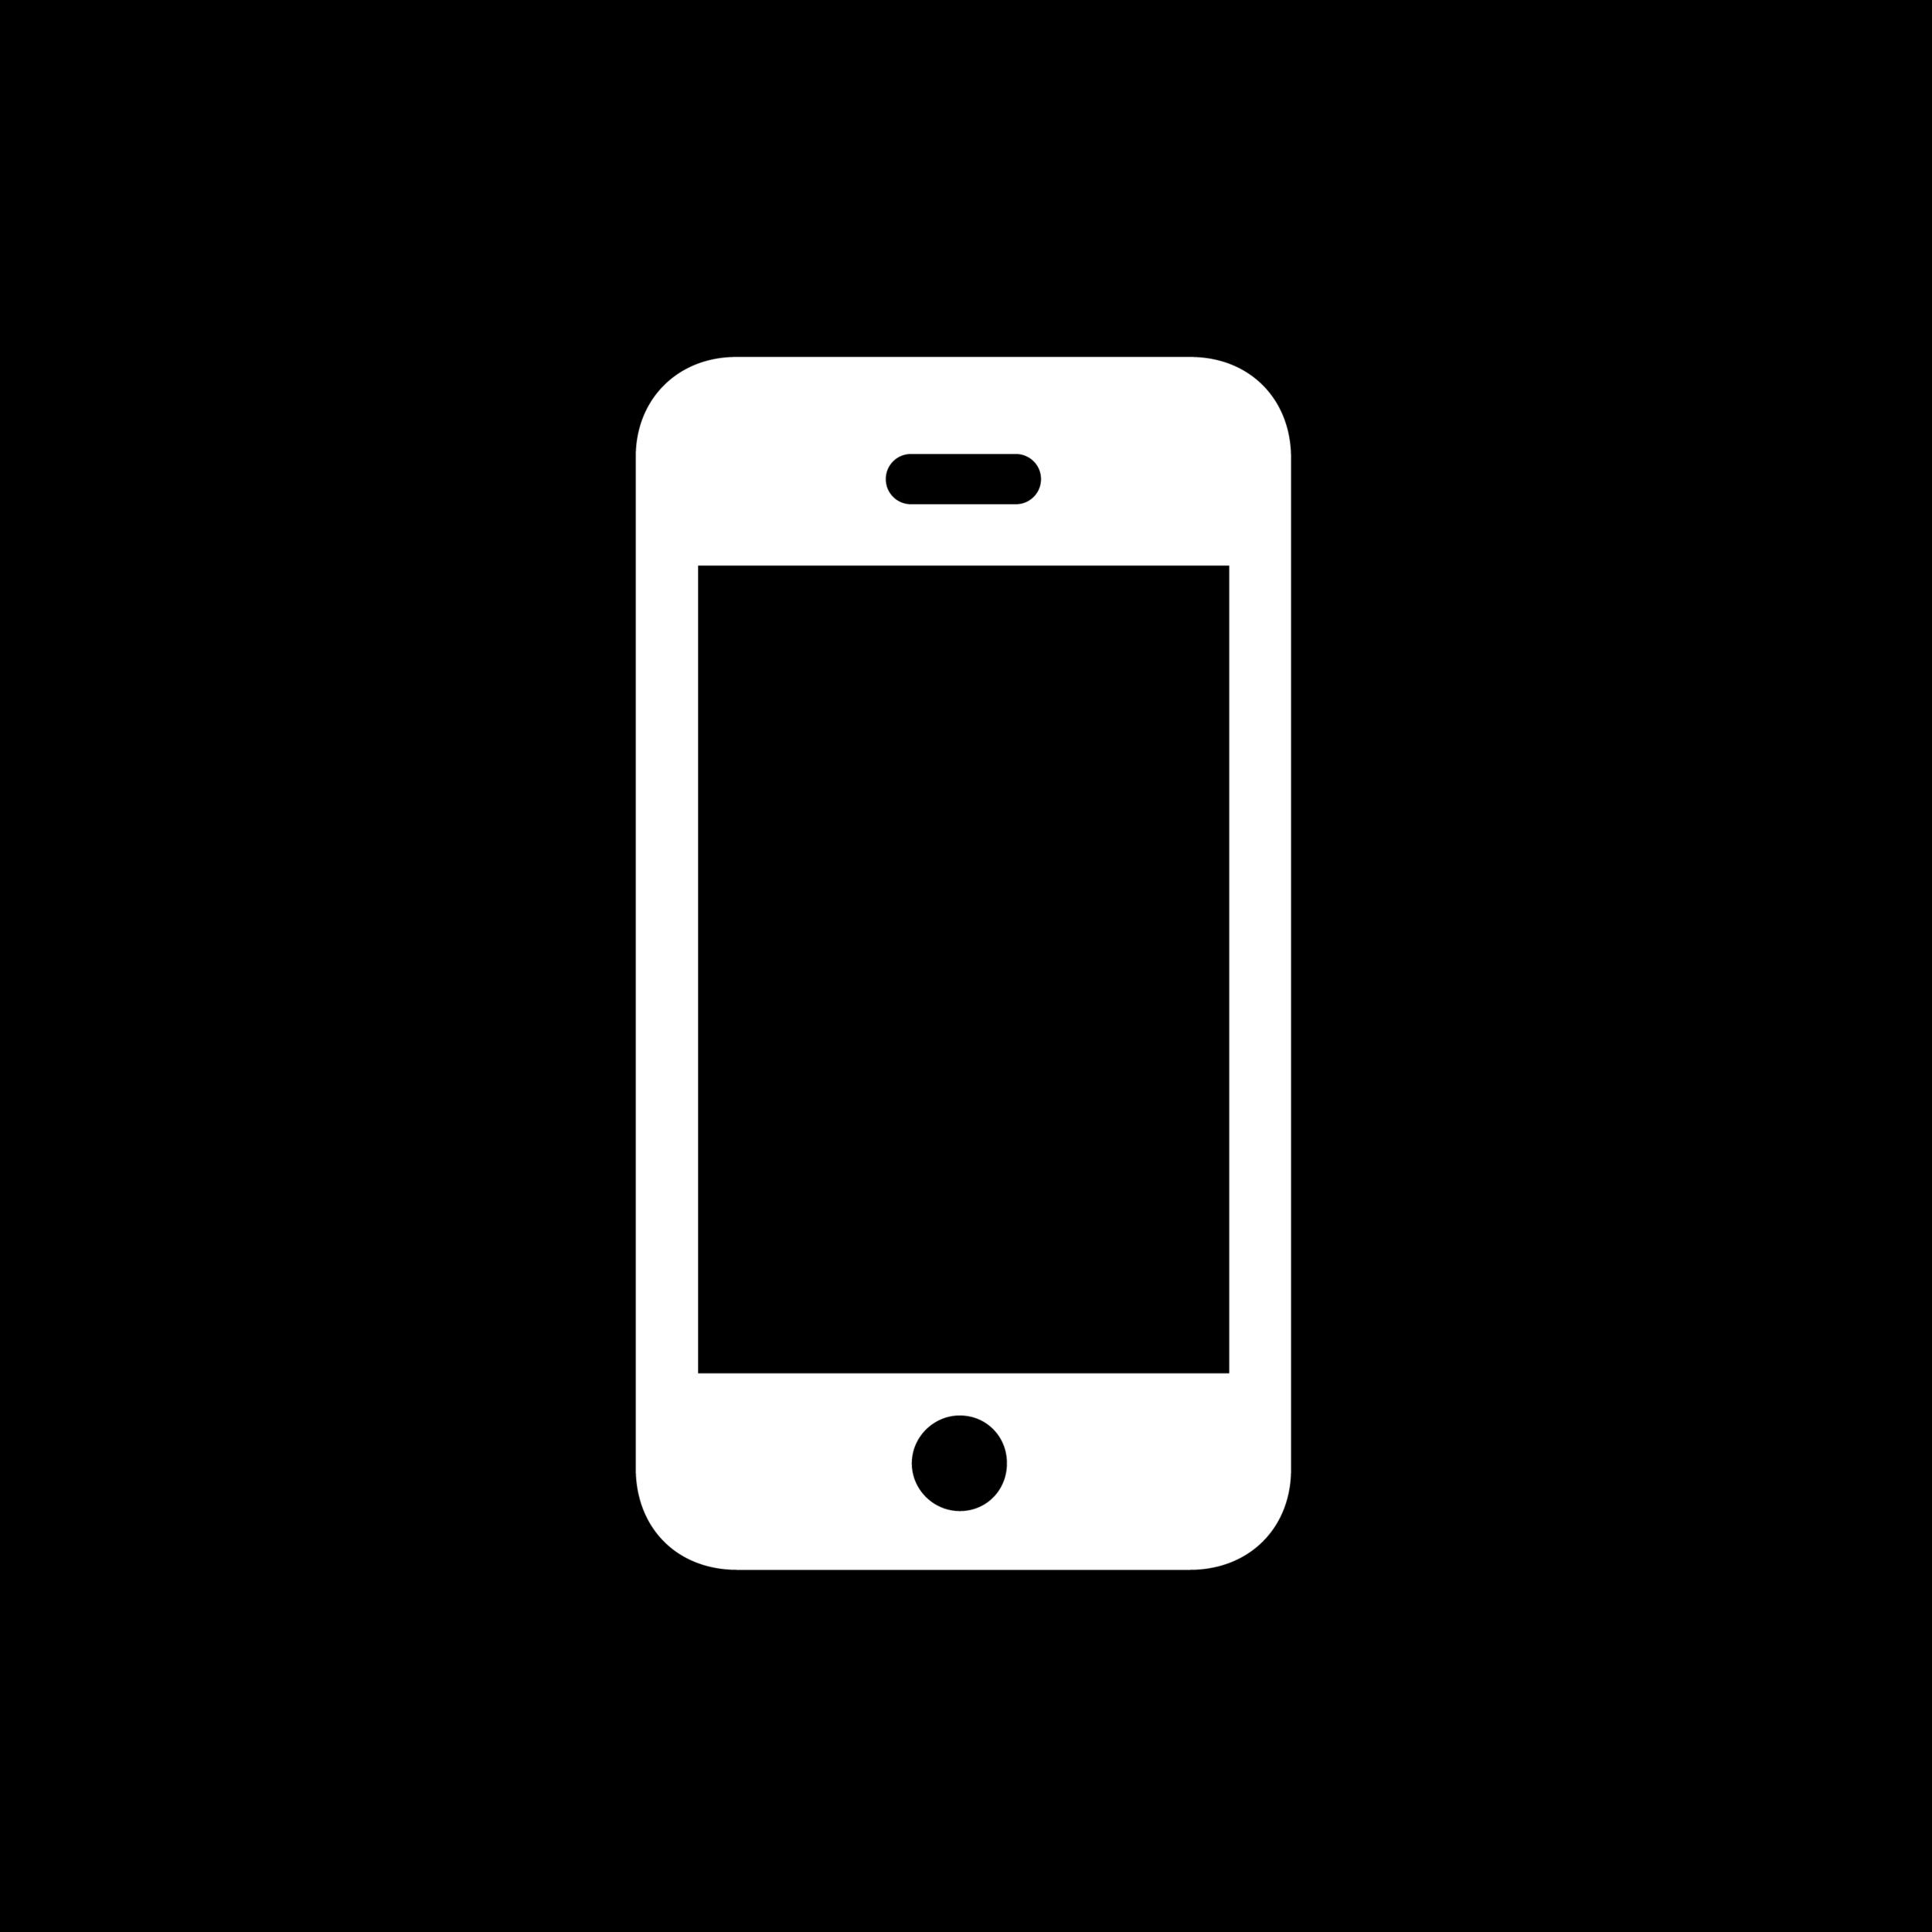 mobile-circle-logo-png-30.png